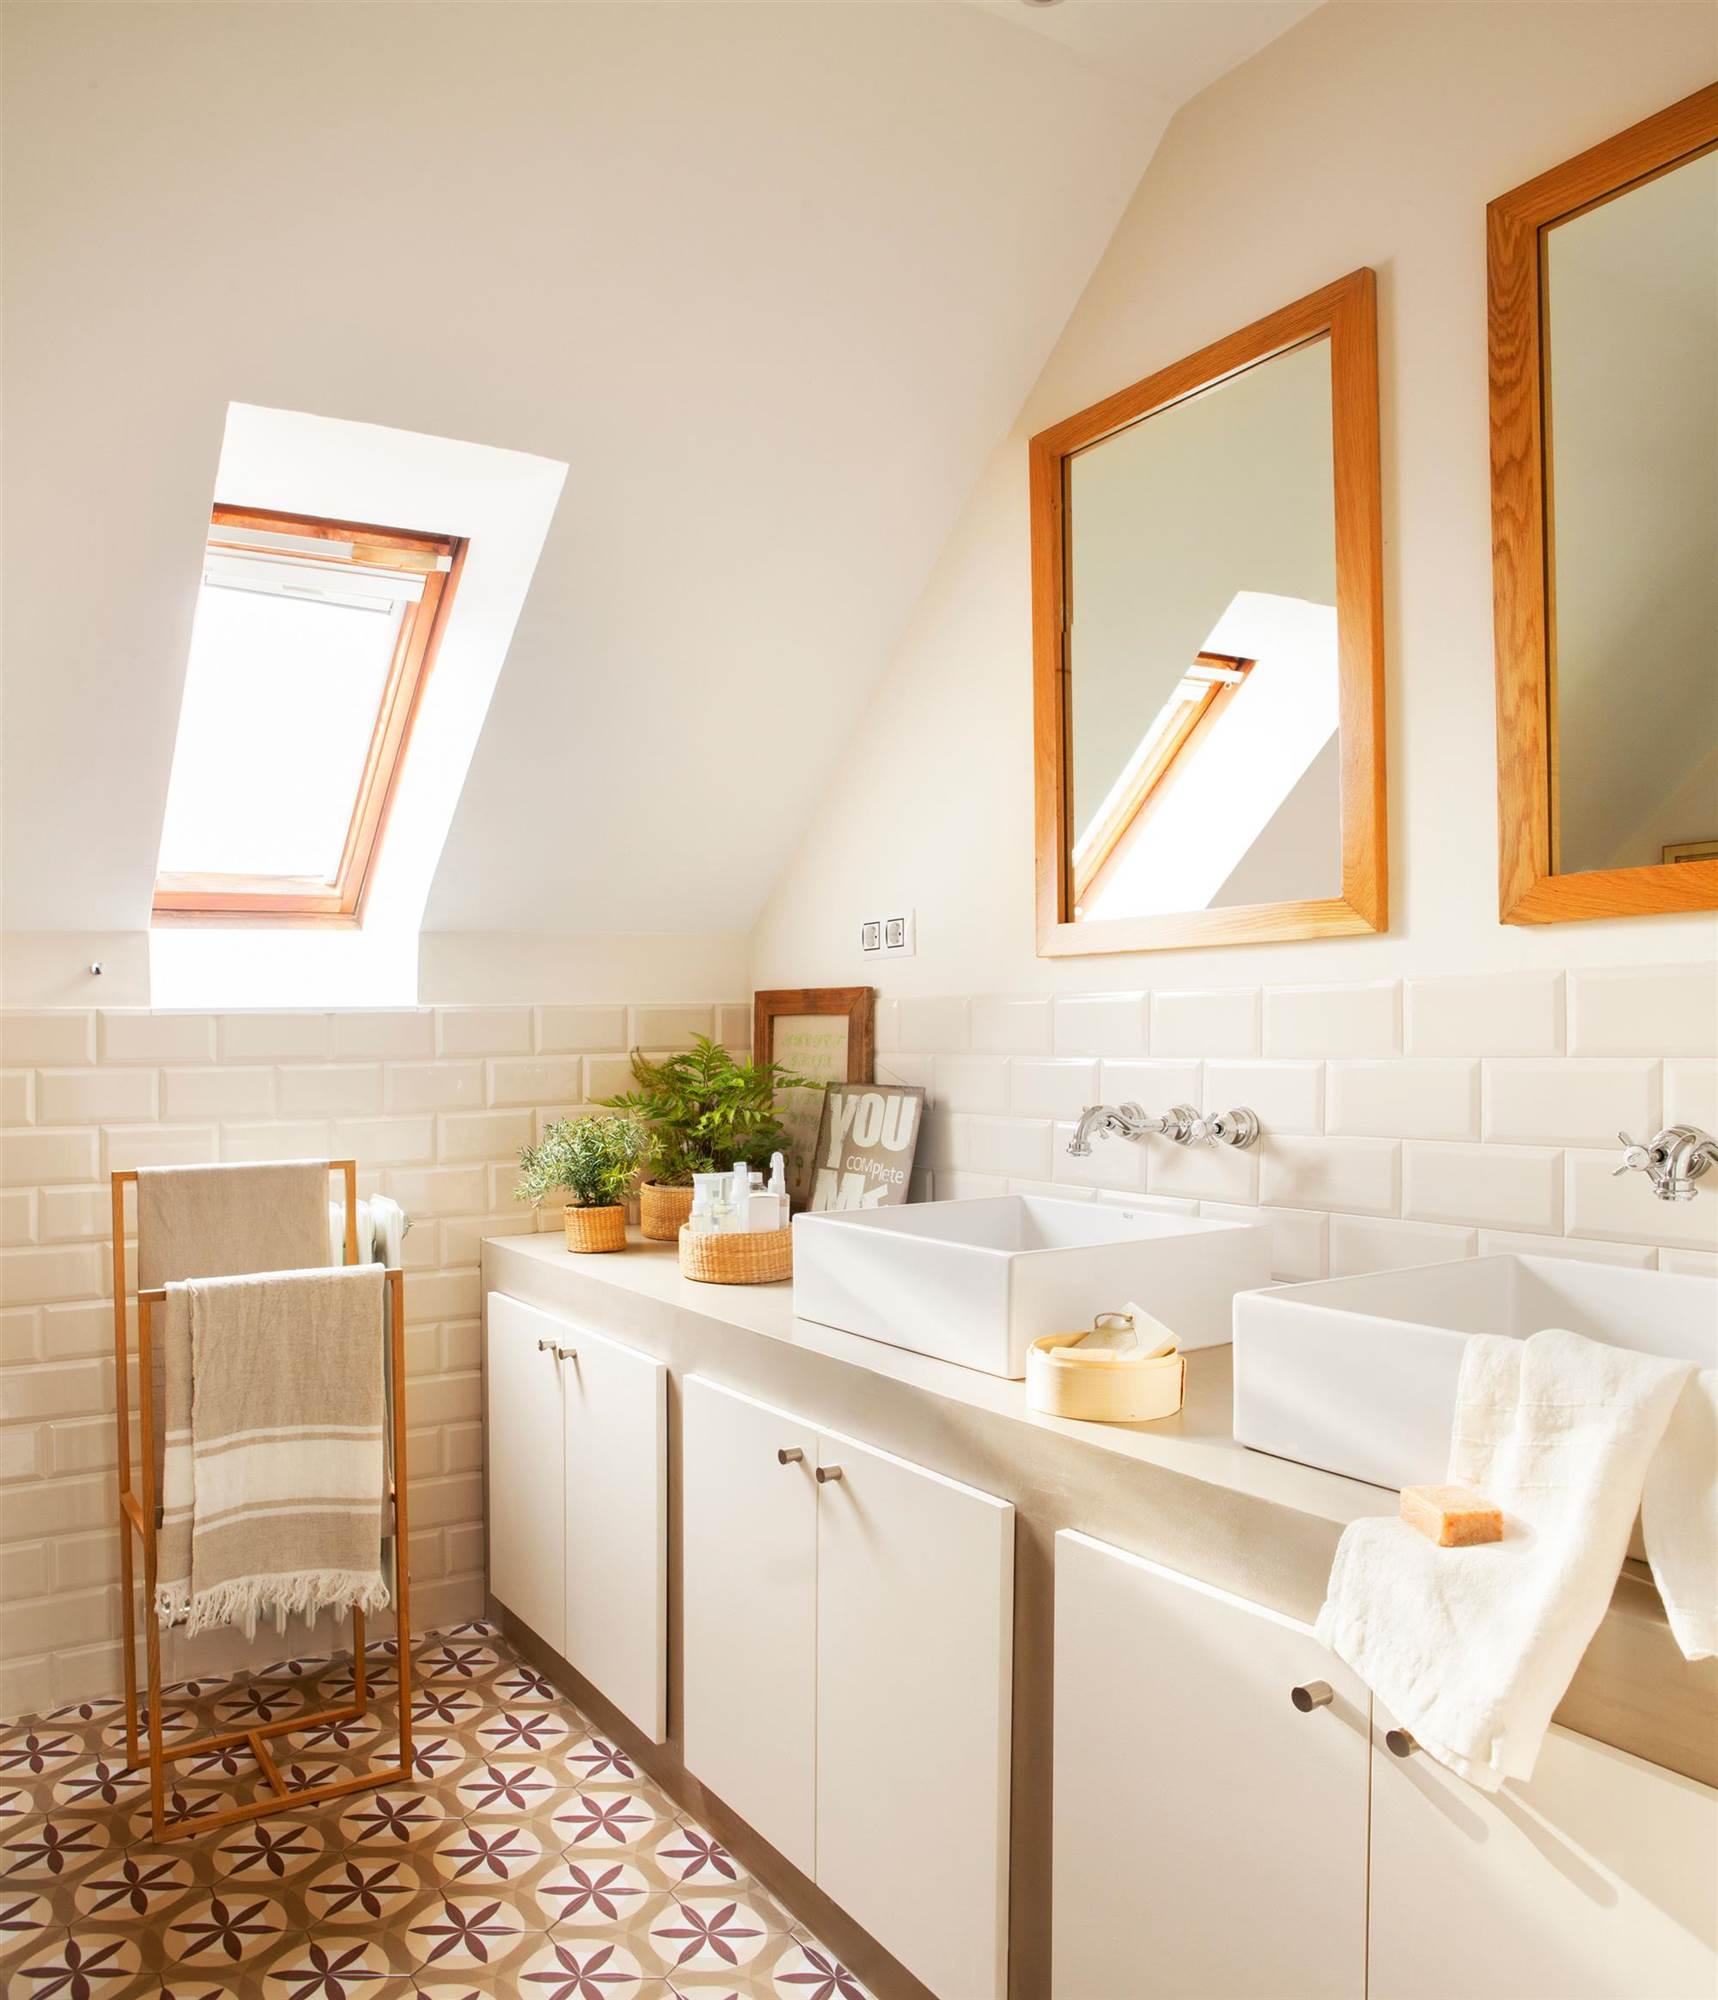 13 espacios decorados con baldosas tipo metro for Renovar azulejo bano concreto cera